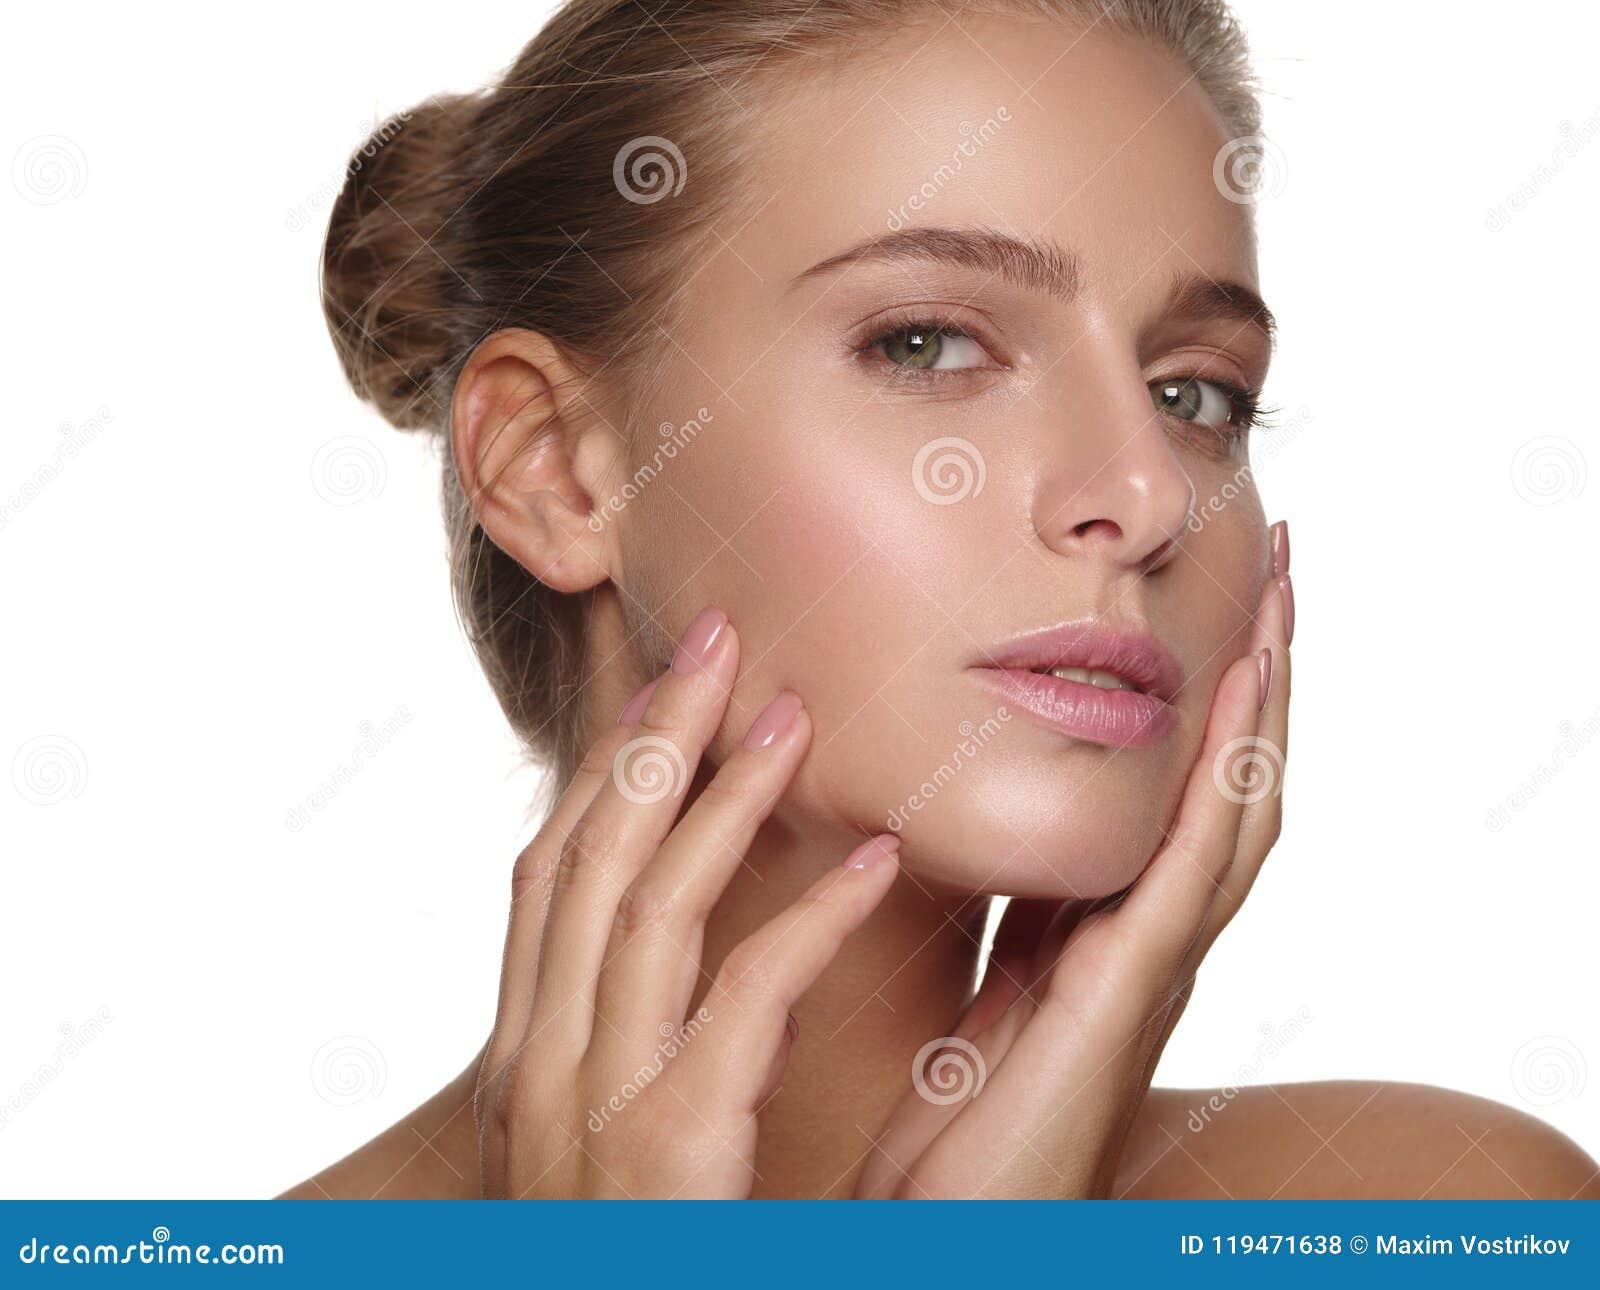 Retrato de una chica joven con la piel lisa pura y sana sin maquillaje